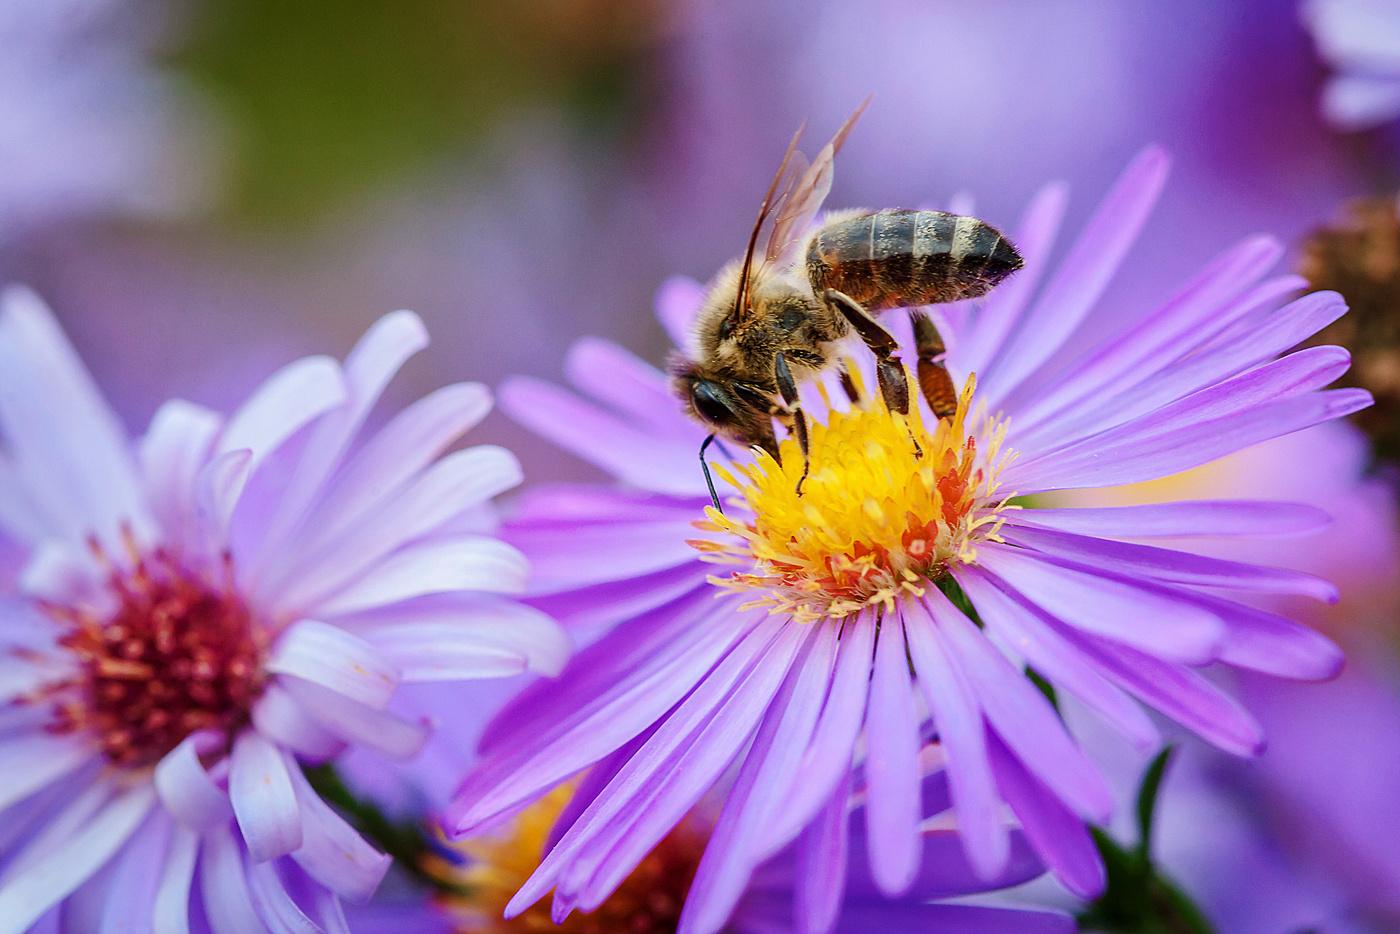 пчела на цветке фотография следующий день